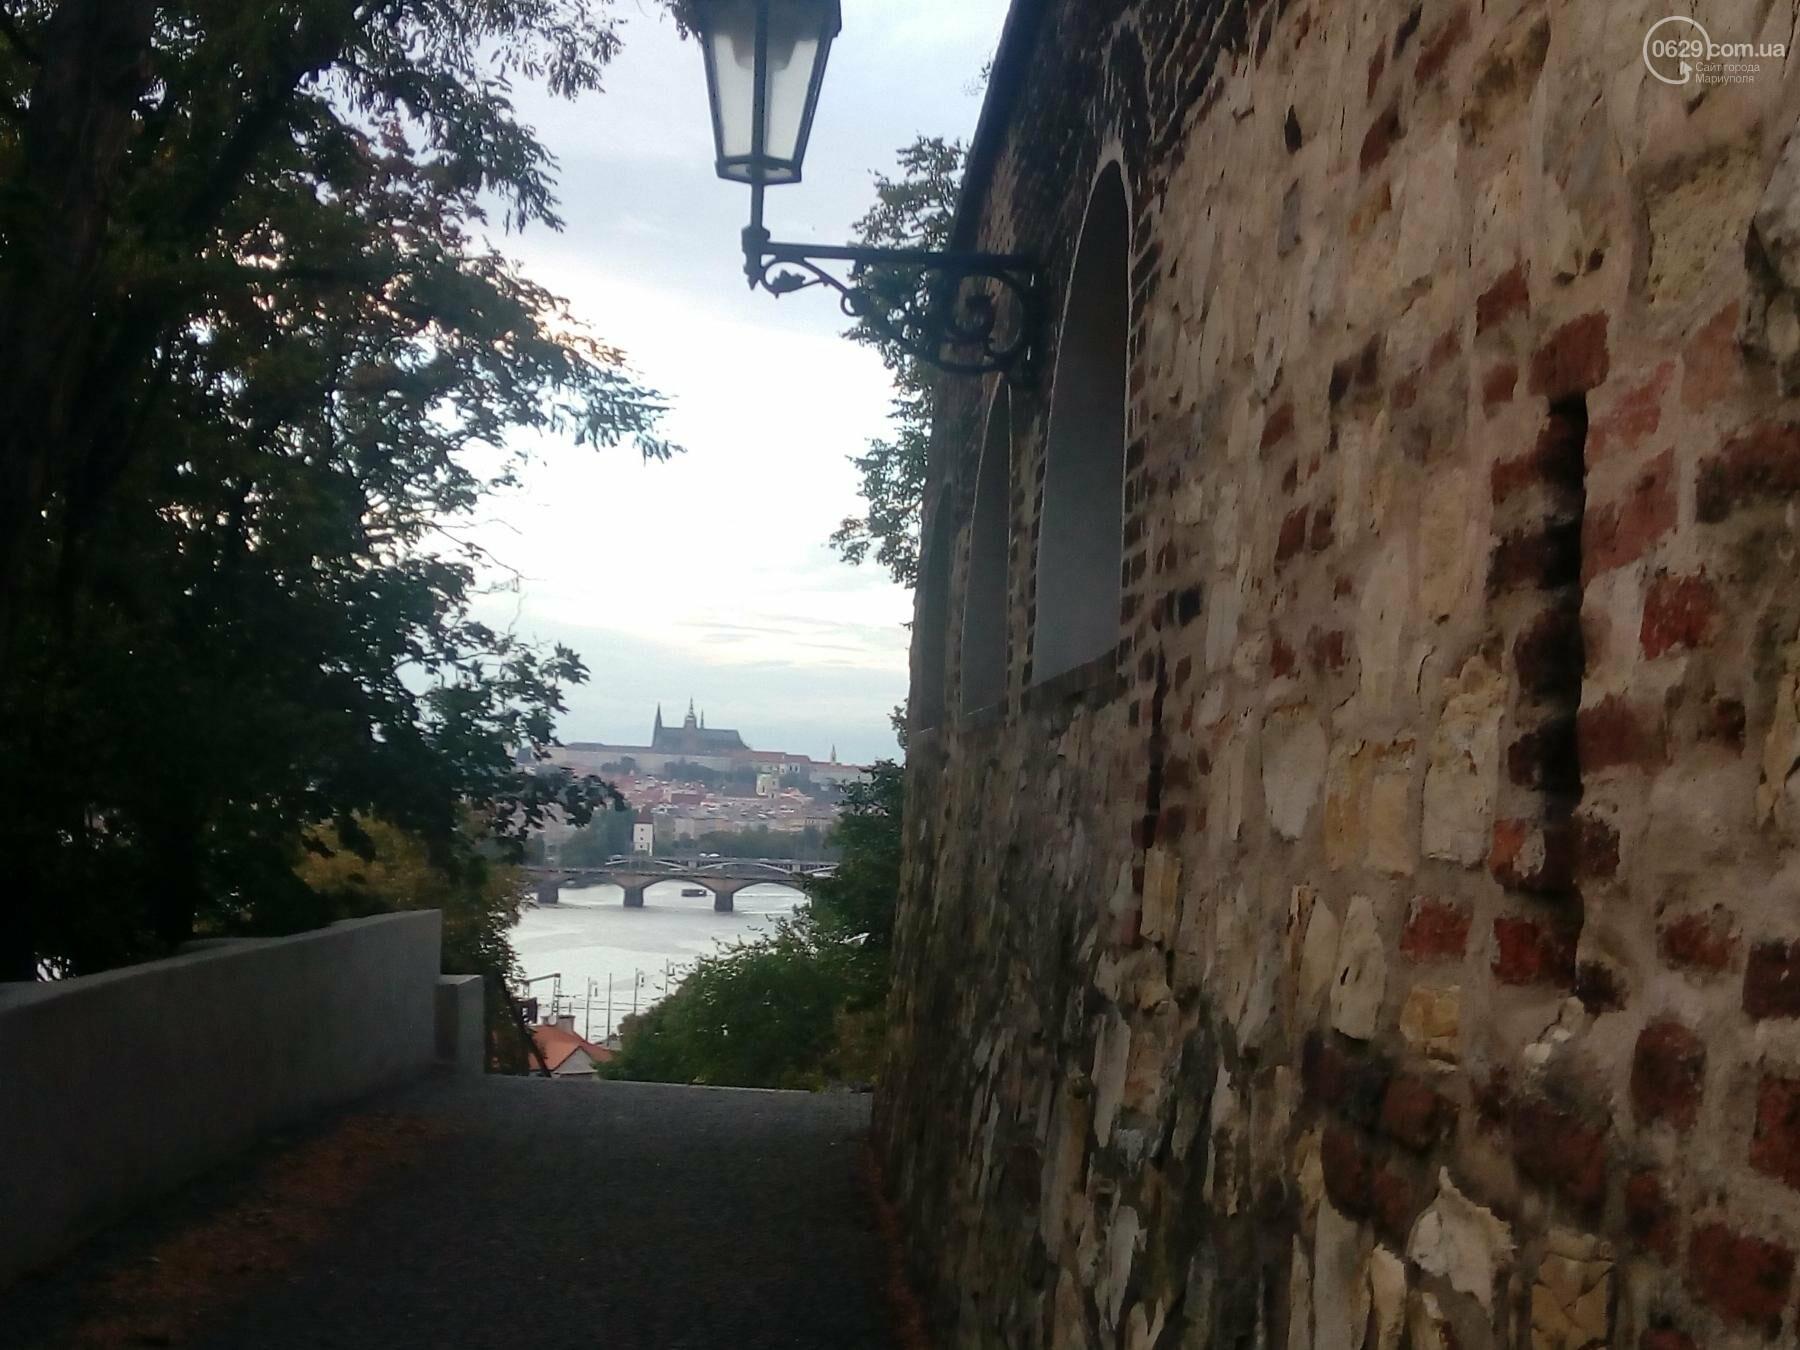 Город красных крыш. Как мариупольцам добраться в Прагу, что посмотреть, и сколько для этого нужно денег (ФОТО), фото-25